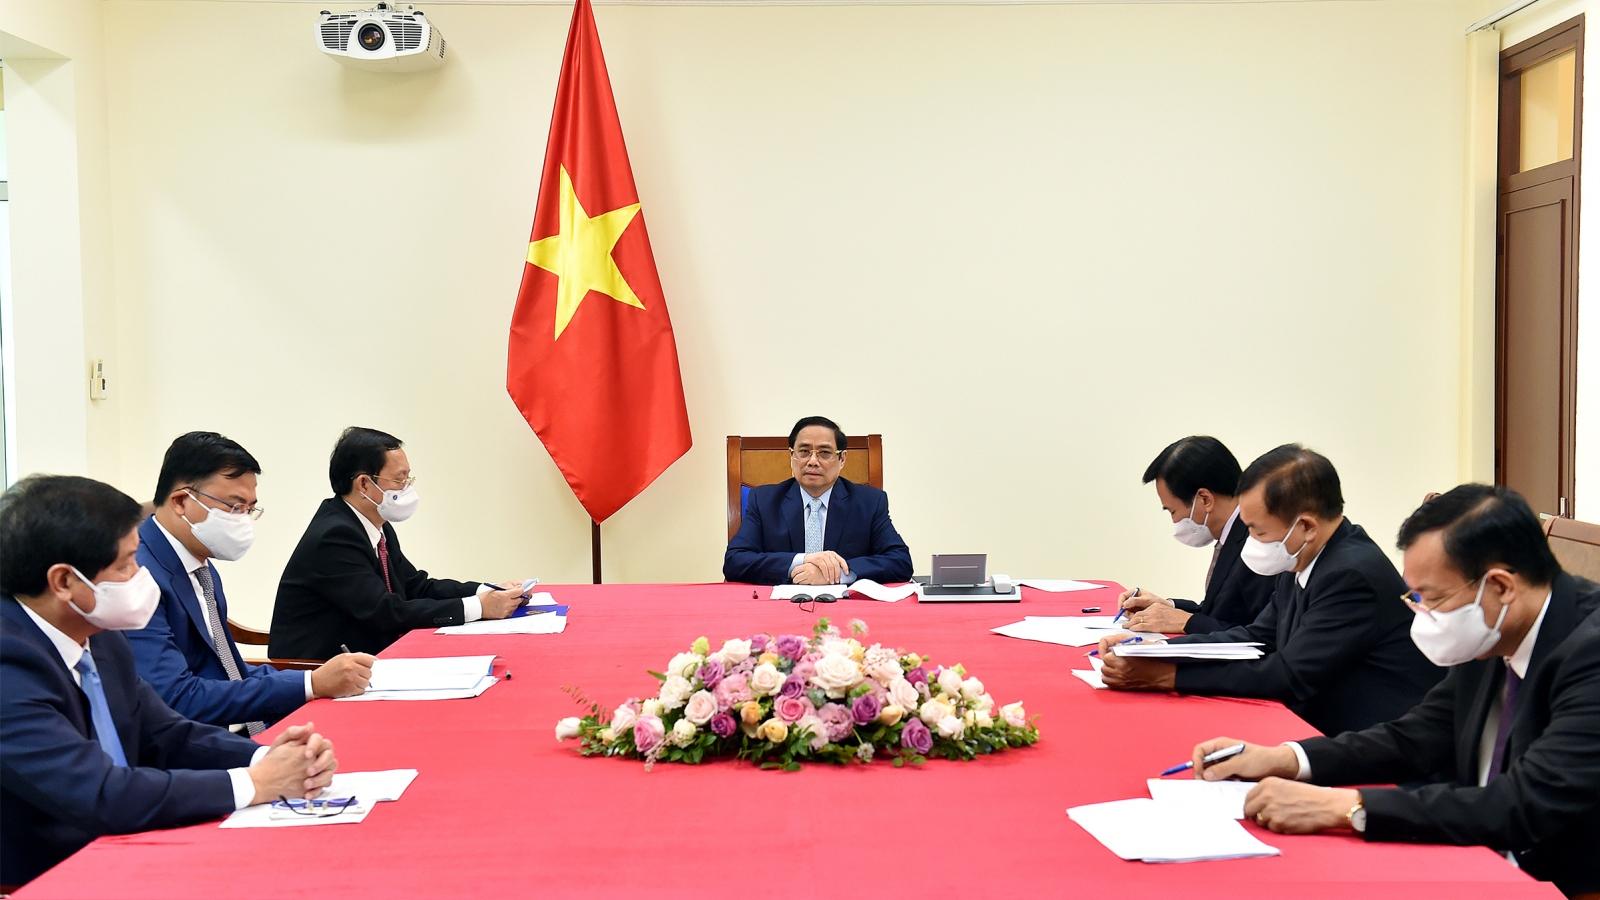 Thủ tướng Phạm Minh Chính điện đàm với Thủ tướng Nhà nước Israel Naftali Bennett